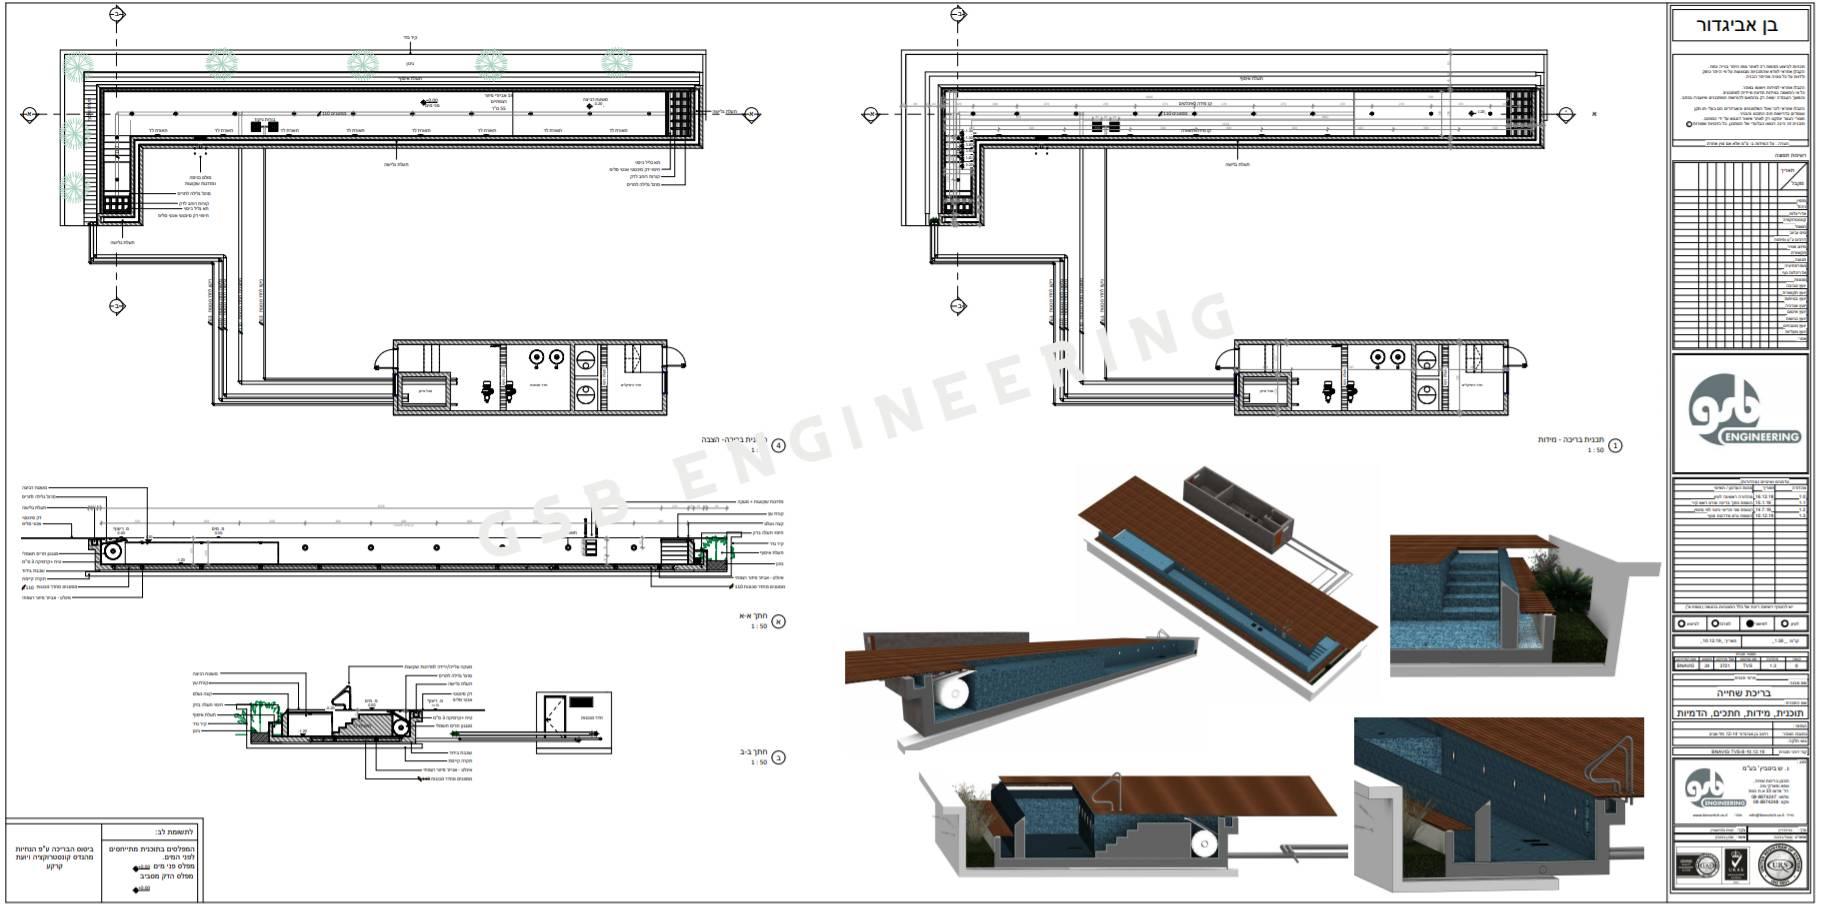 תכנון בריכת גג מסוג Infinity במלון רדיסון